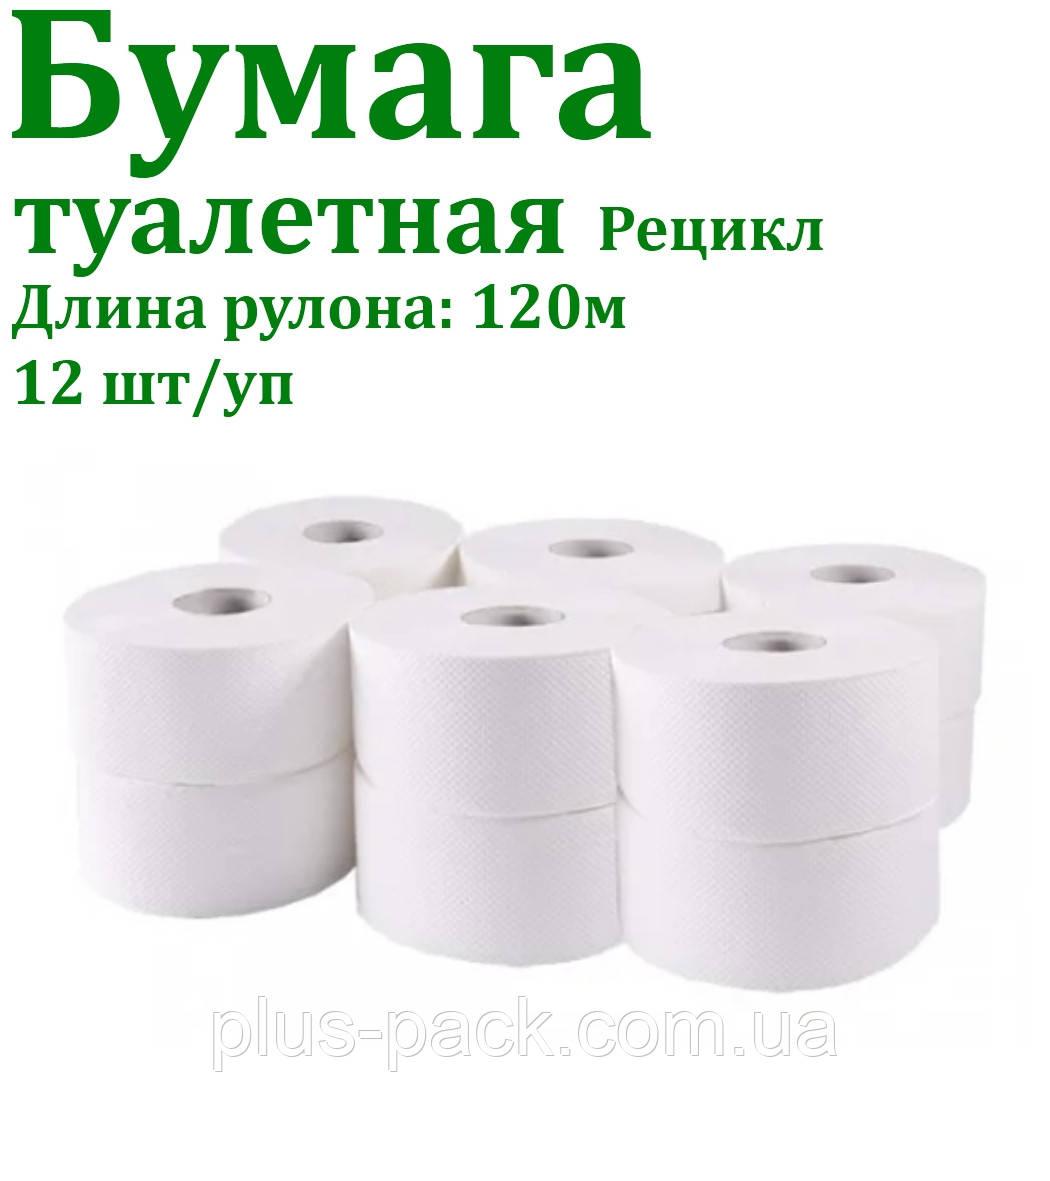 Бум/туалетна на гільзі Джамбо біла 120м 12шт/пак рецикл